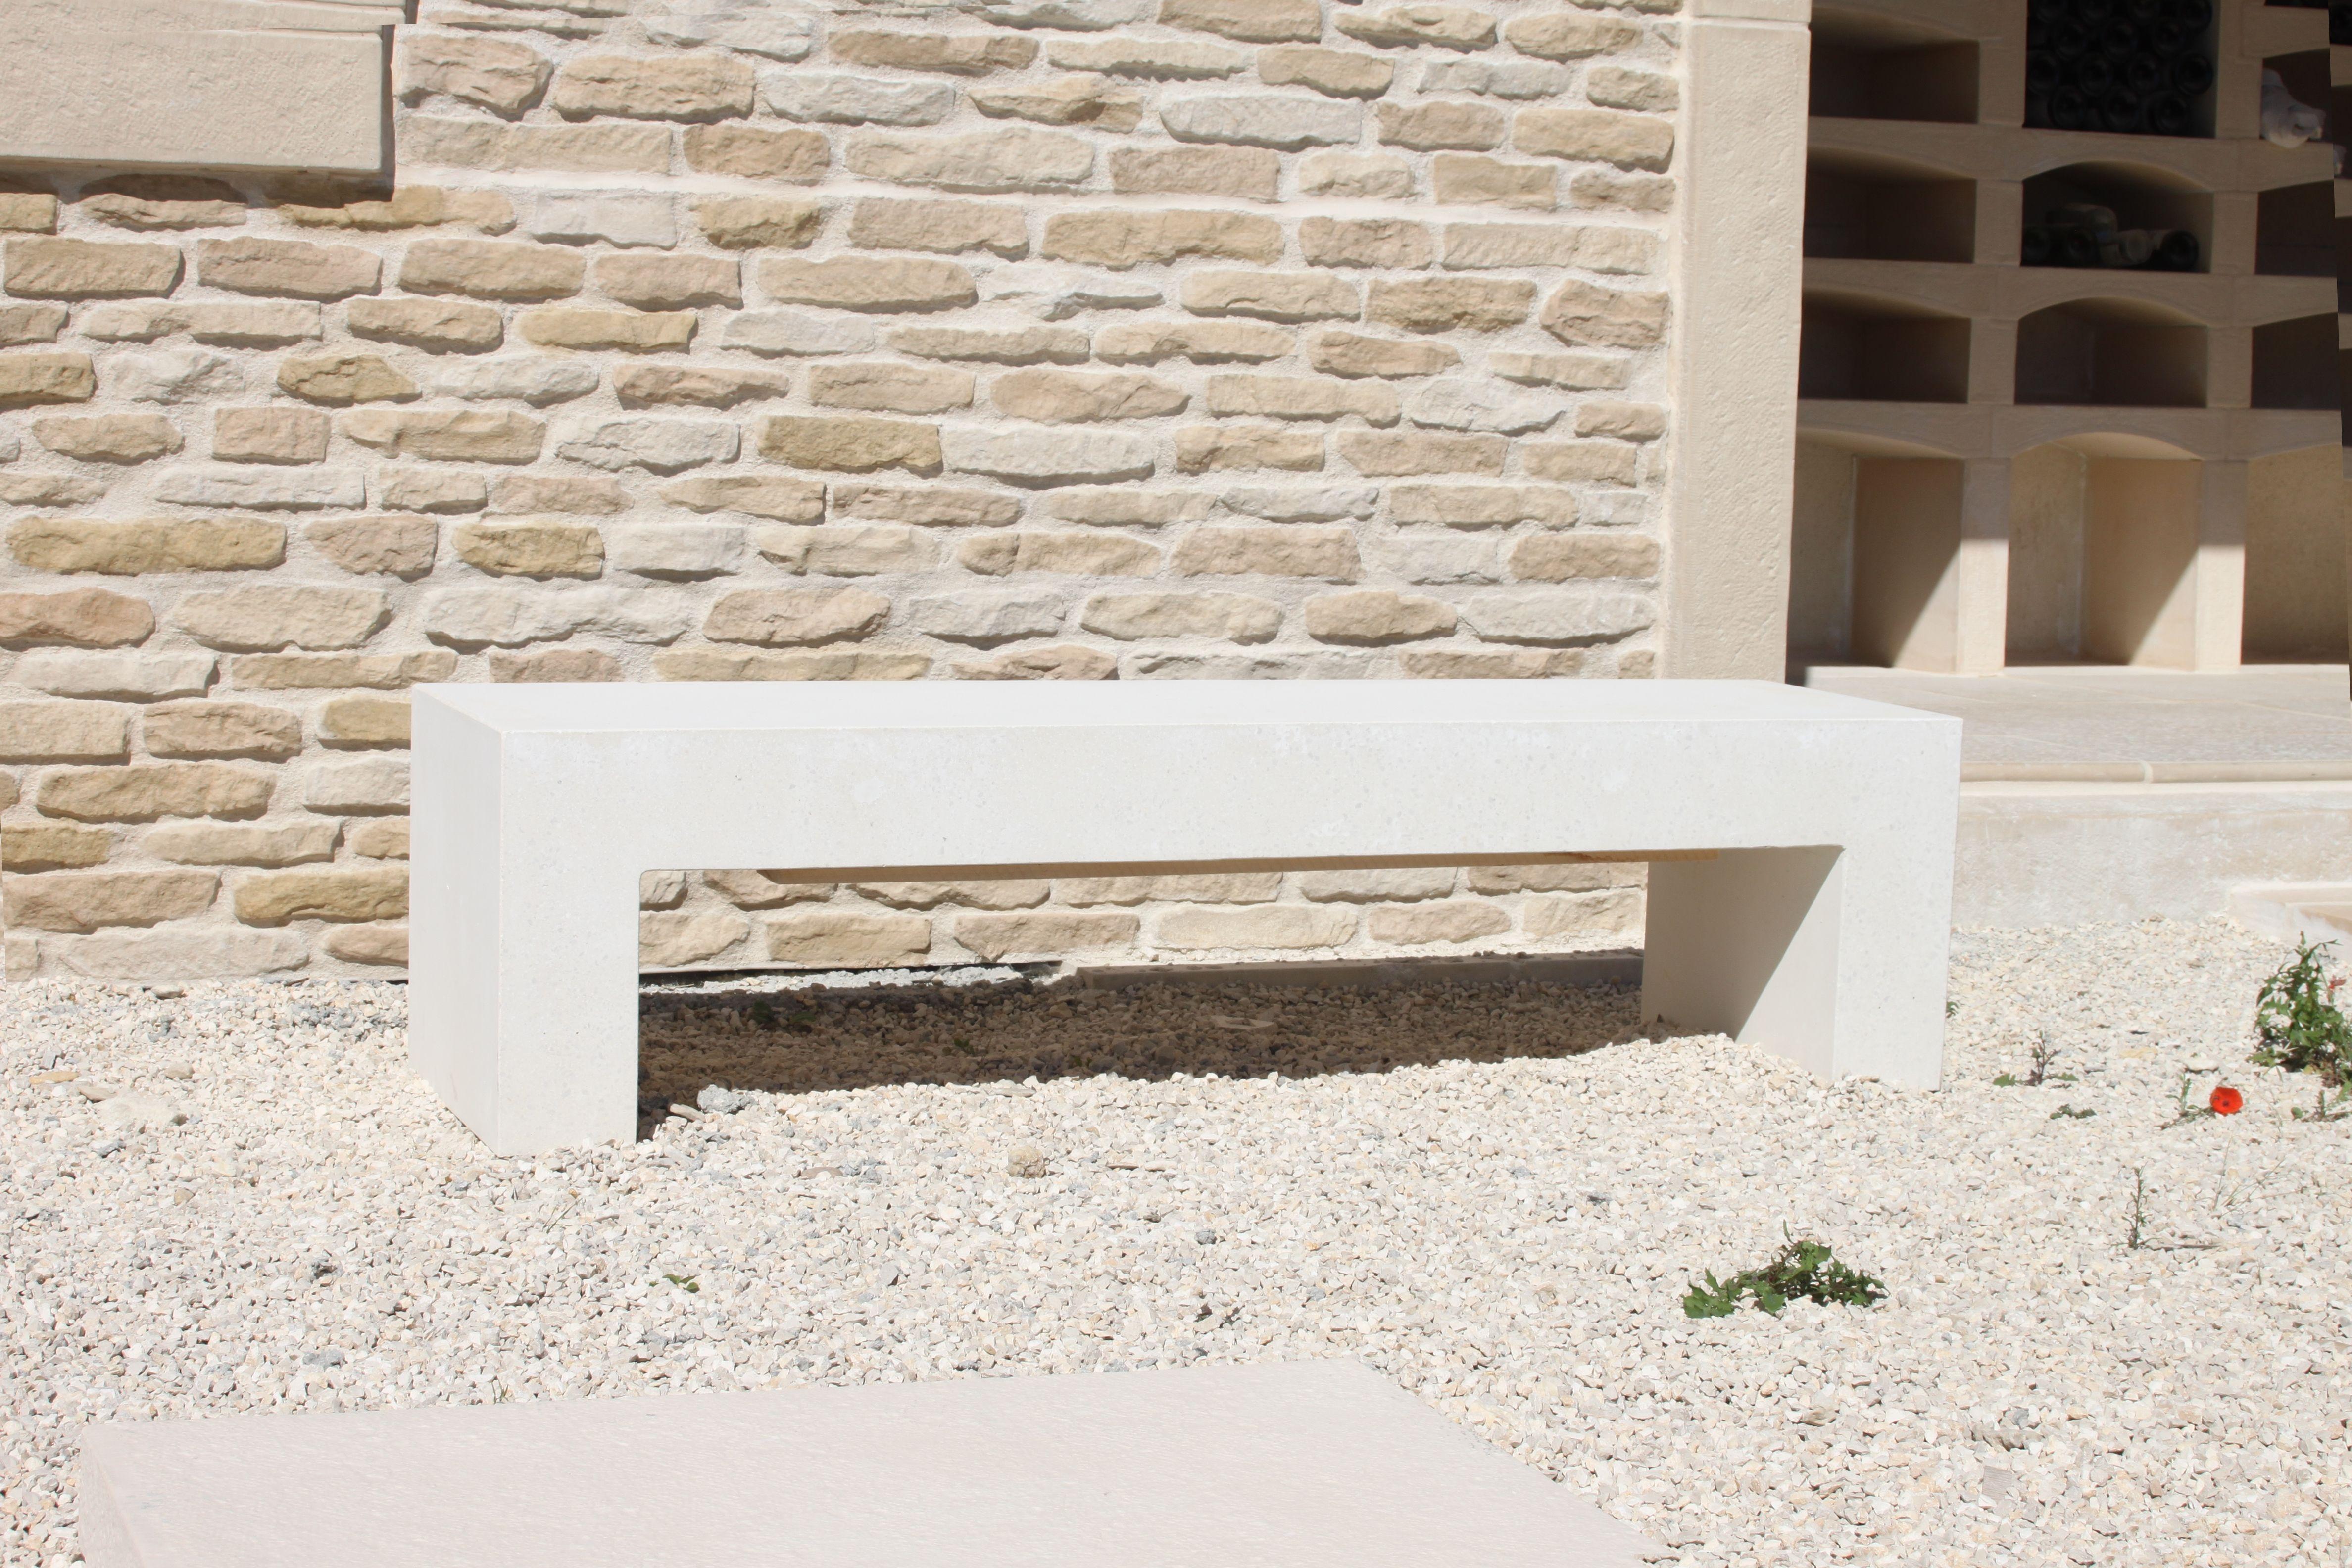 Banc contemporain aspect lisse, mobilier urbain en béton préfabriqué ...